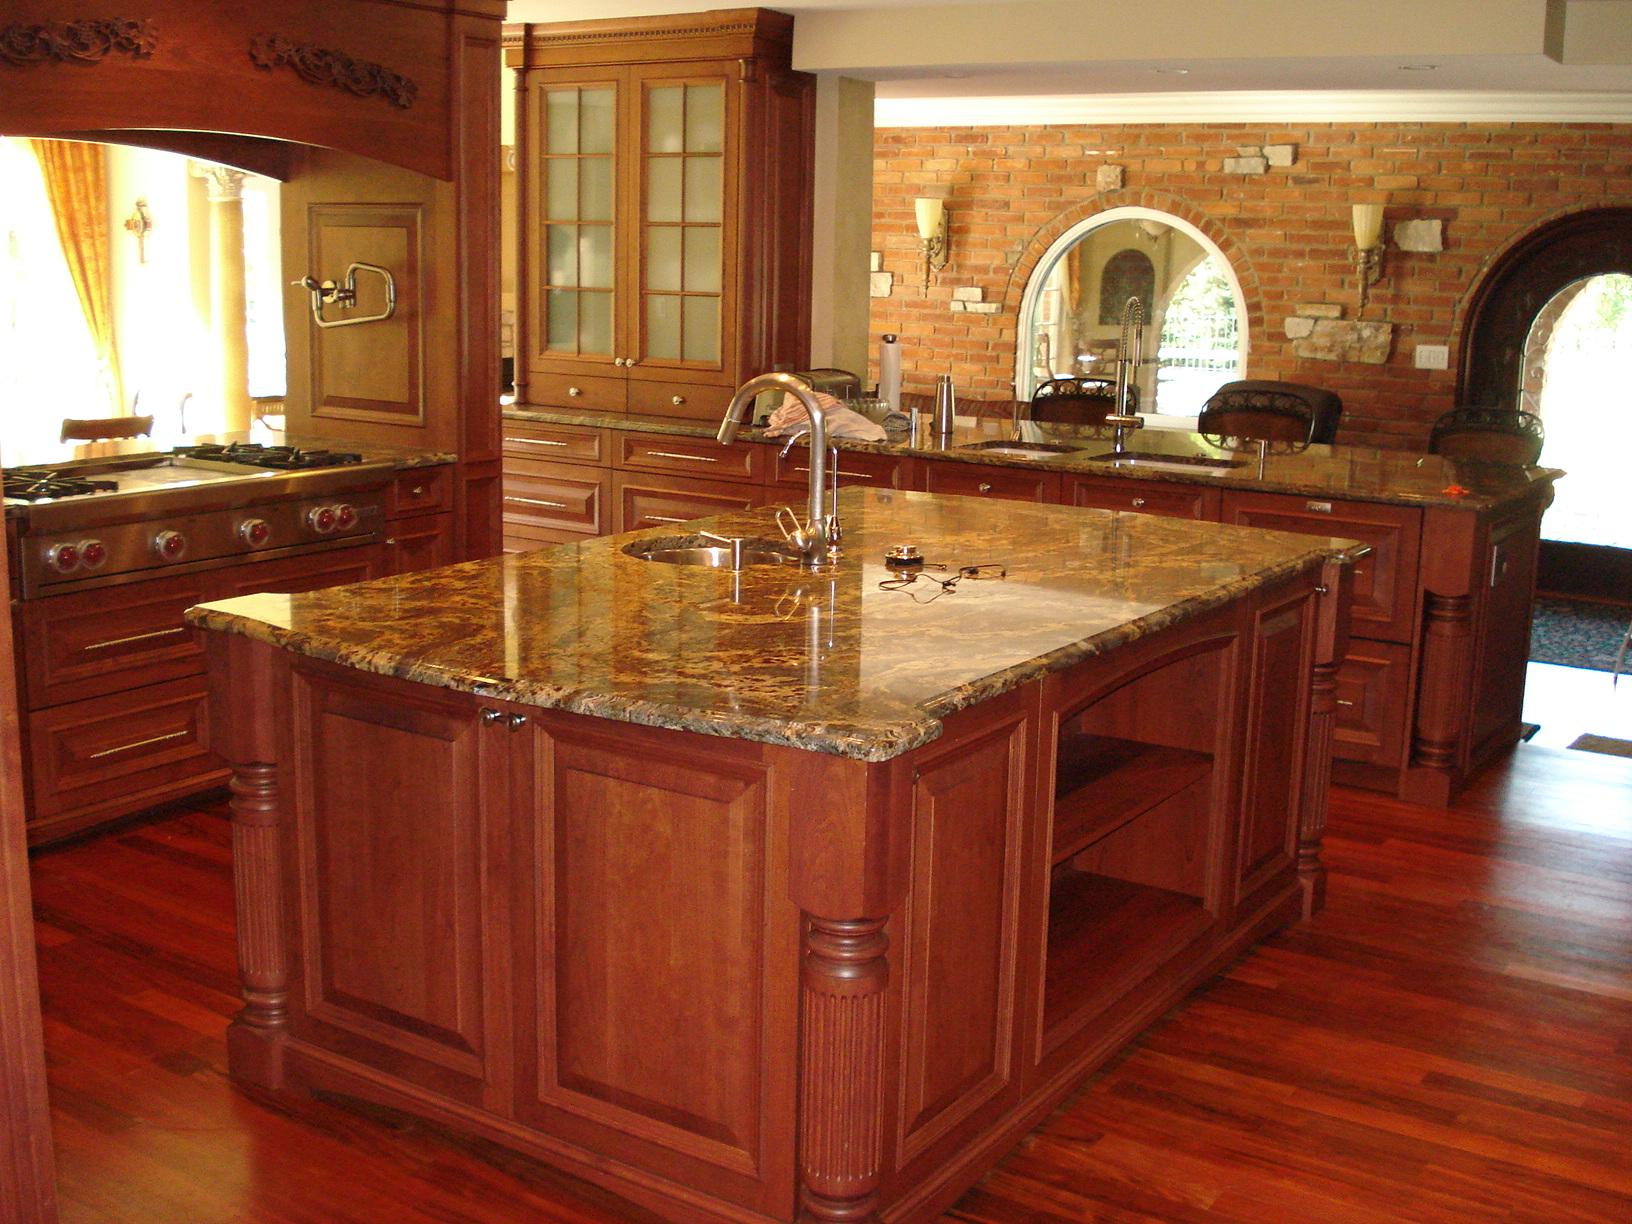 countertops kitchen countertops options Countertops